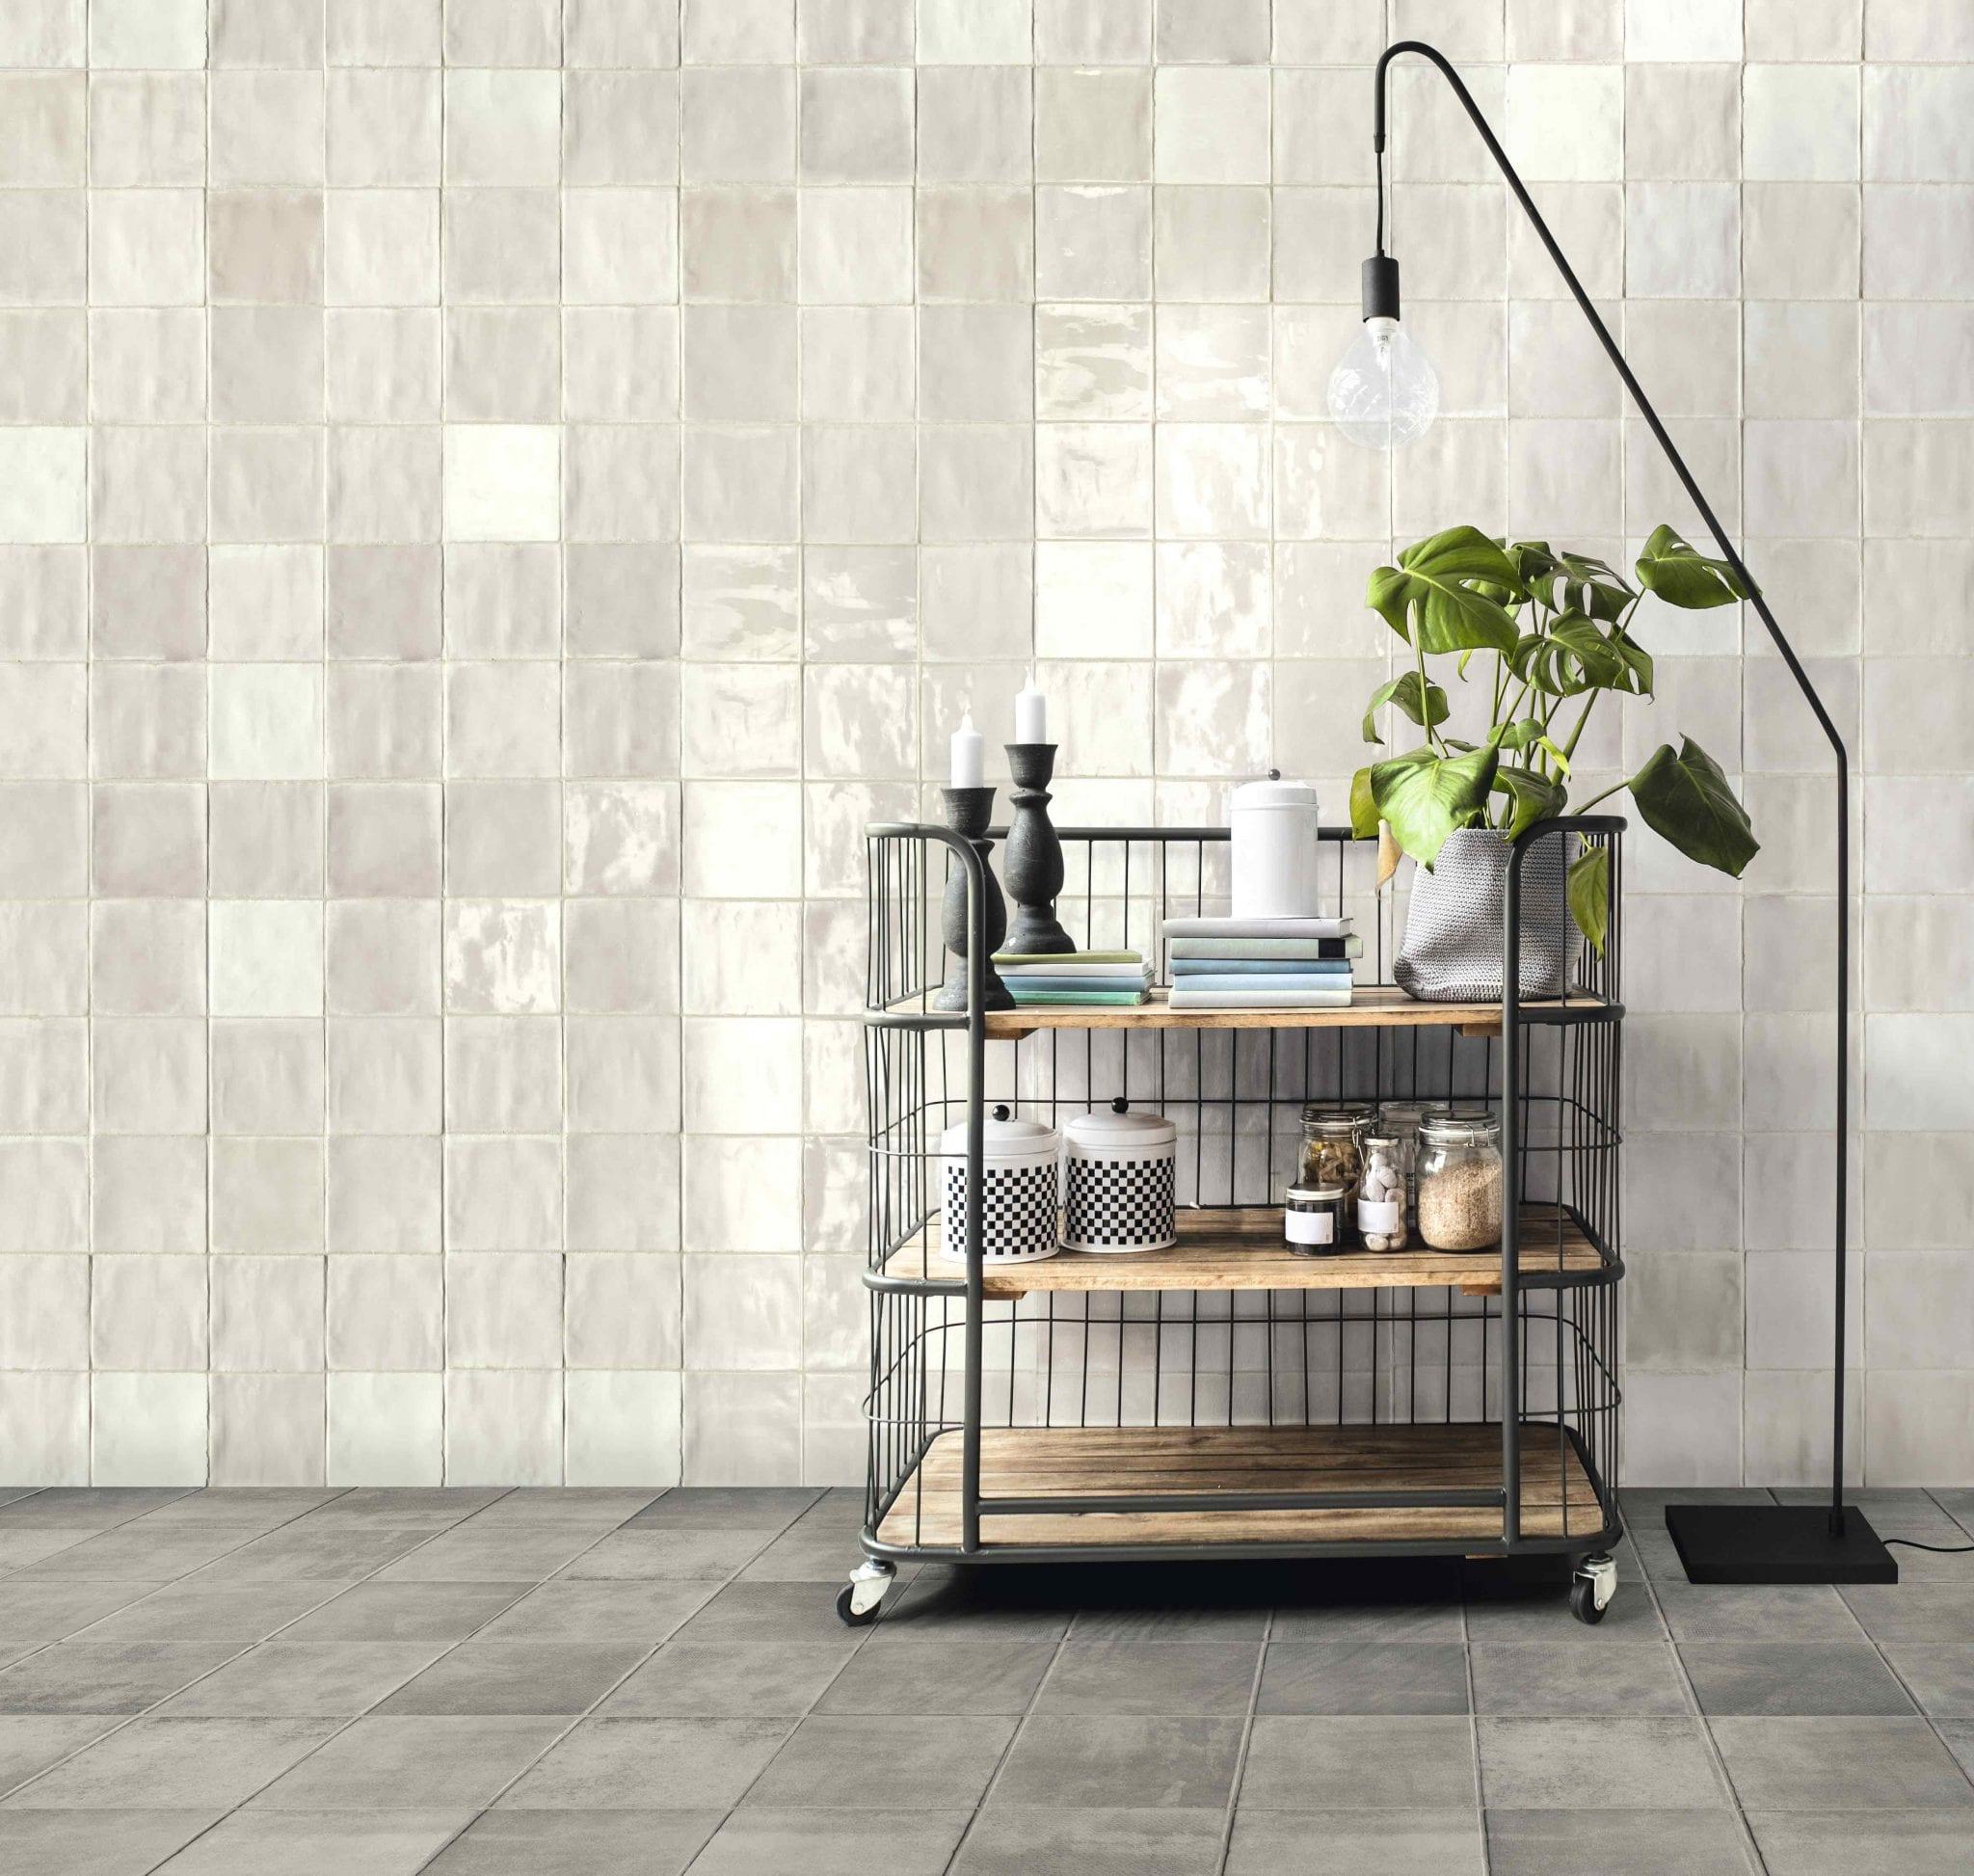 Tera fliser klinker køkken badeværelse køkken inspiration